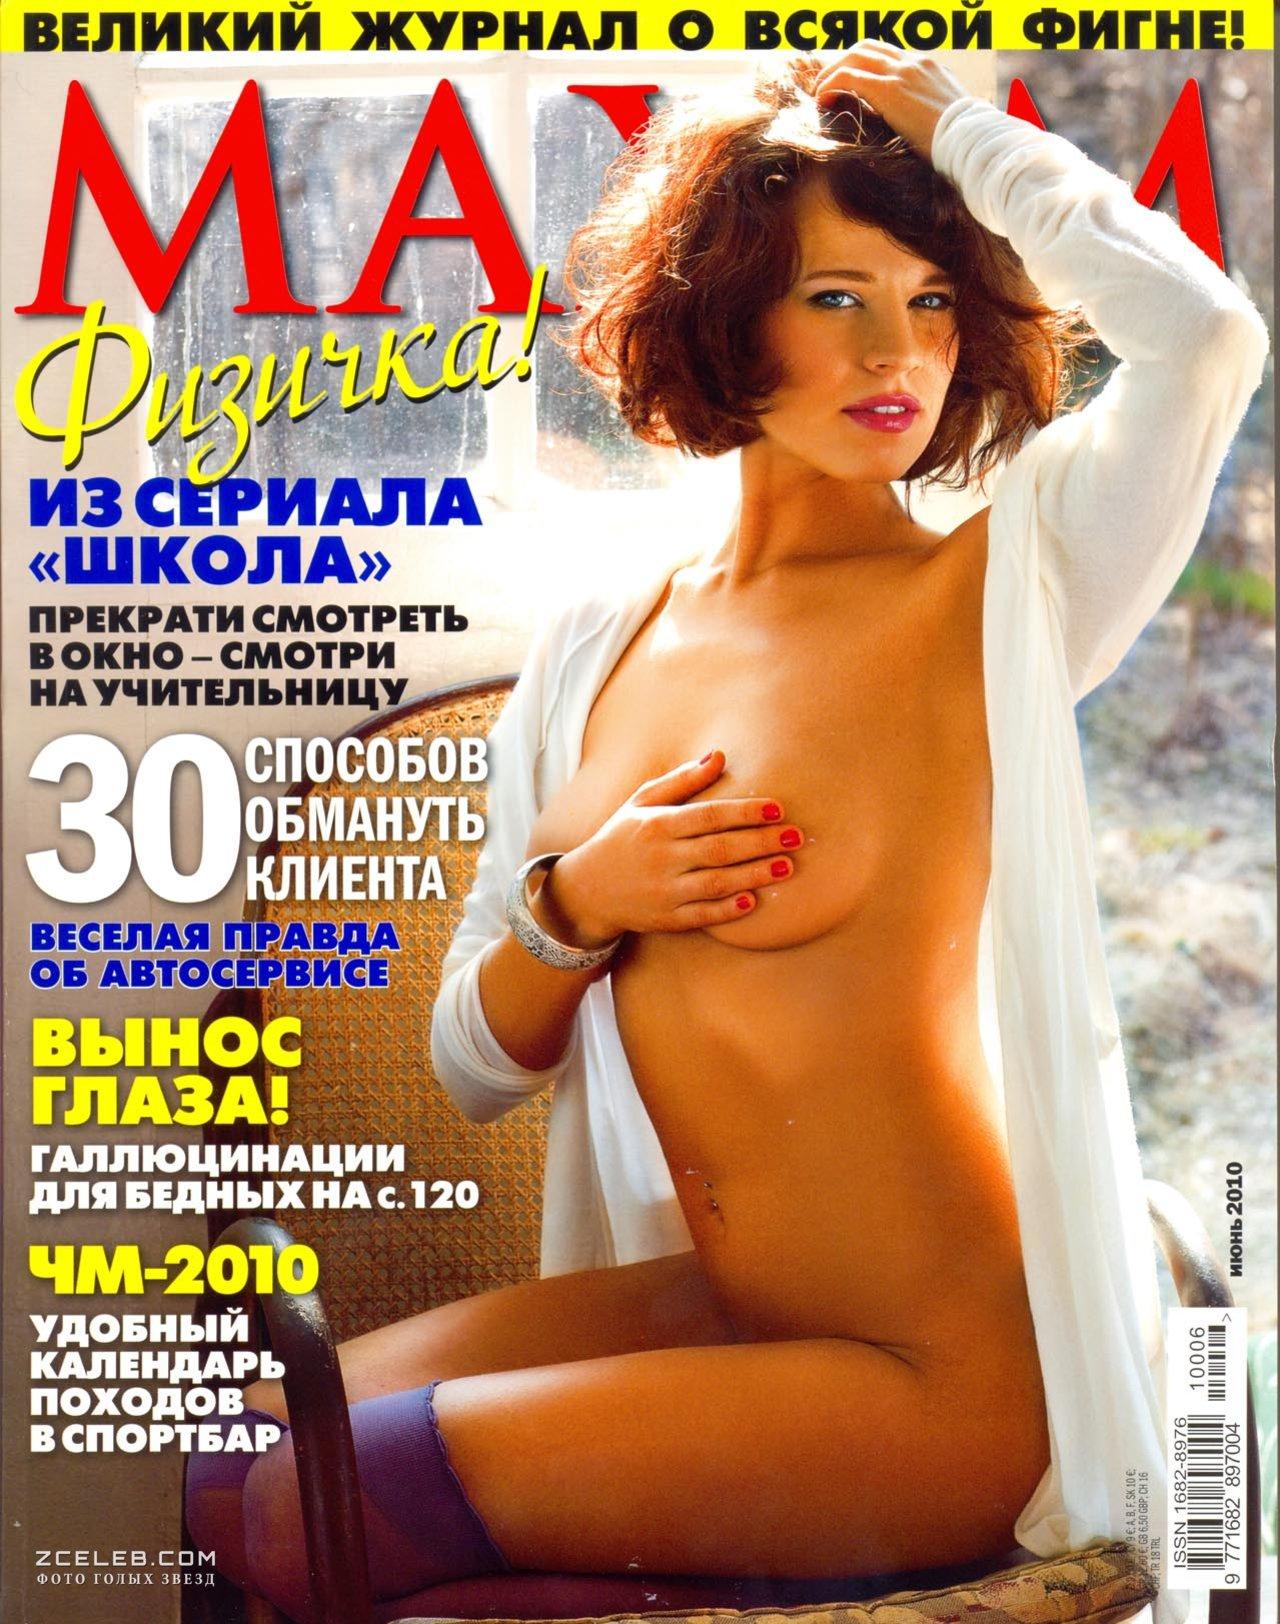 ви, порно журналы с российскими звездами хорошего